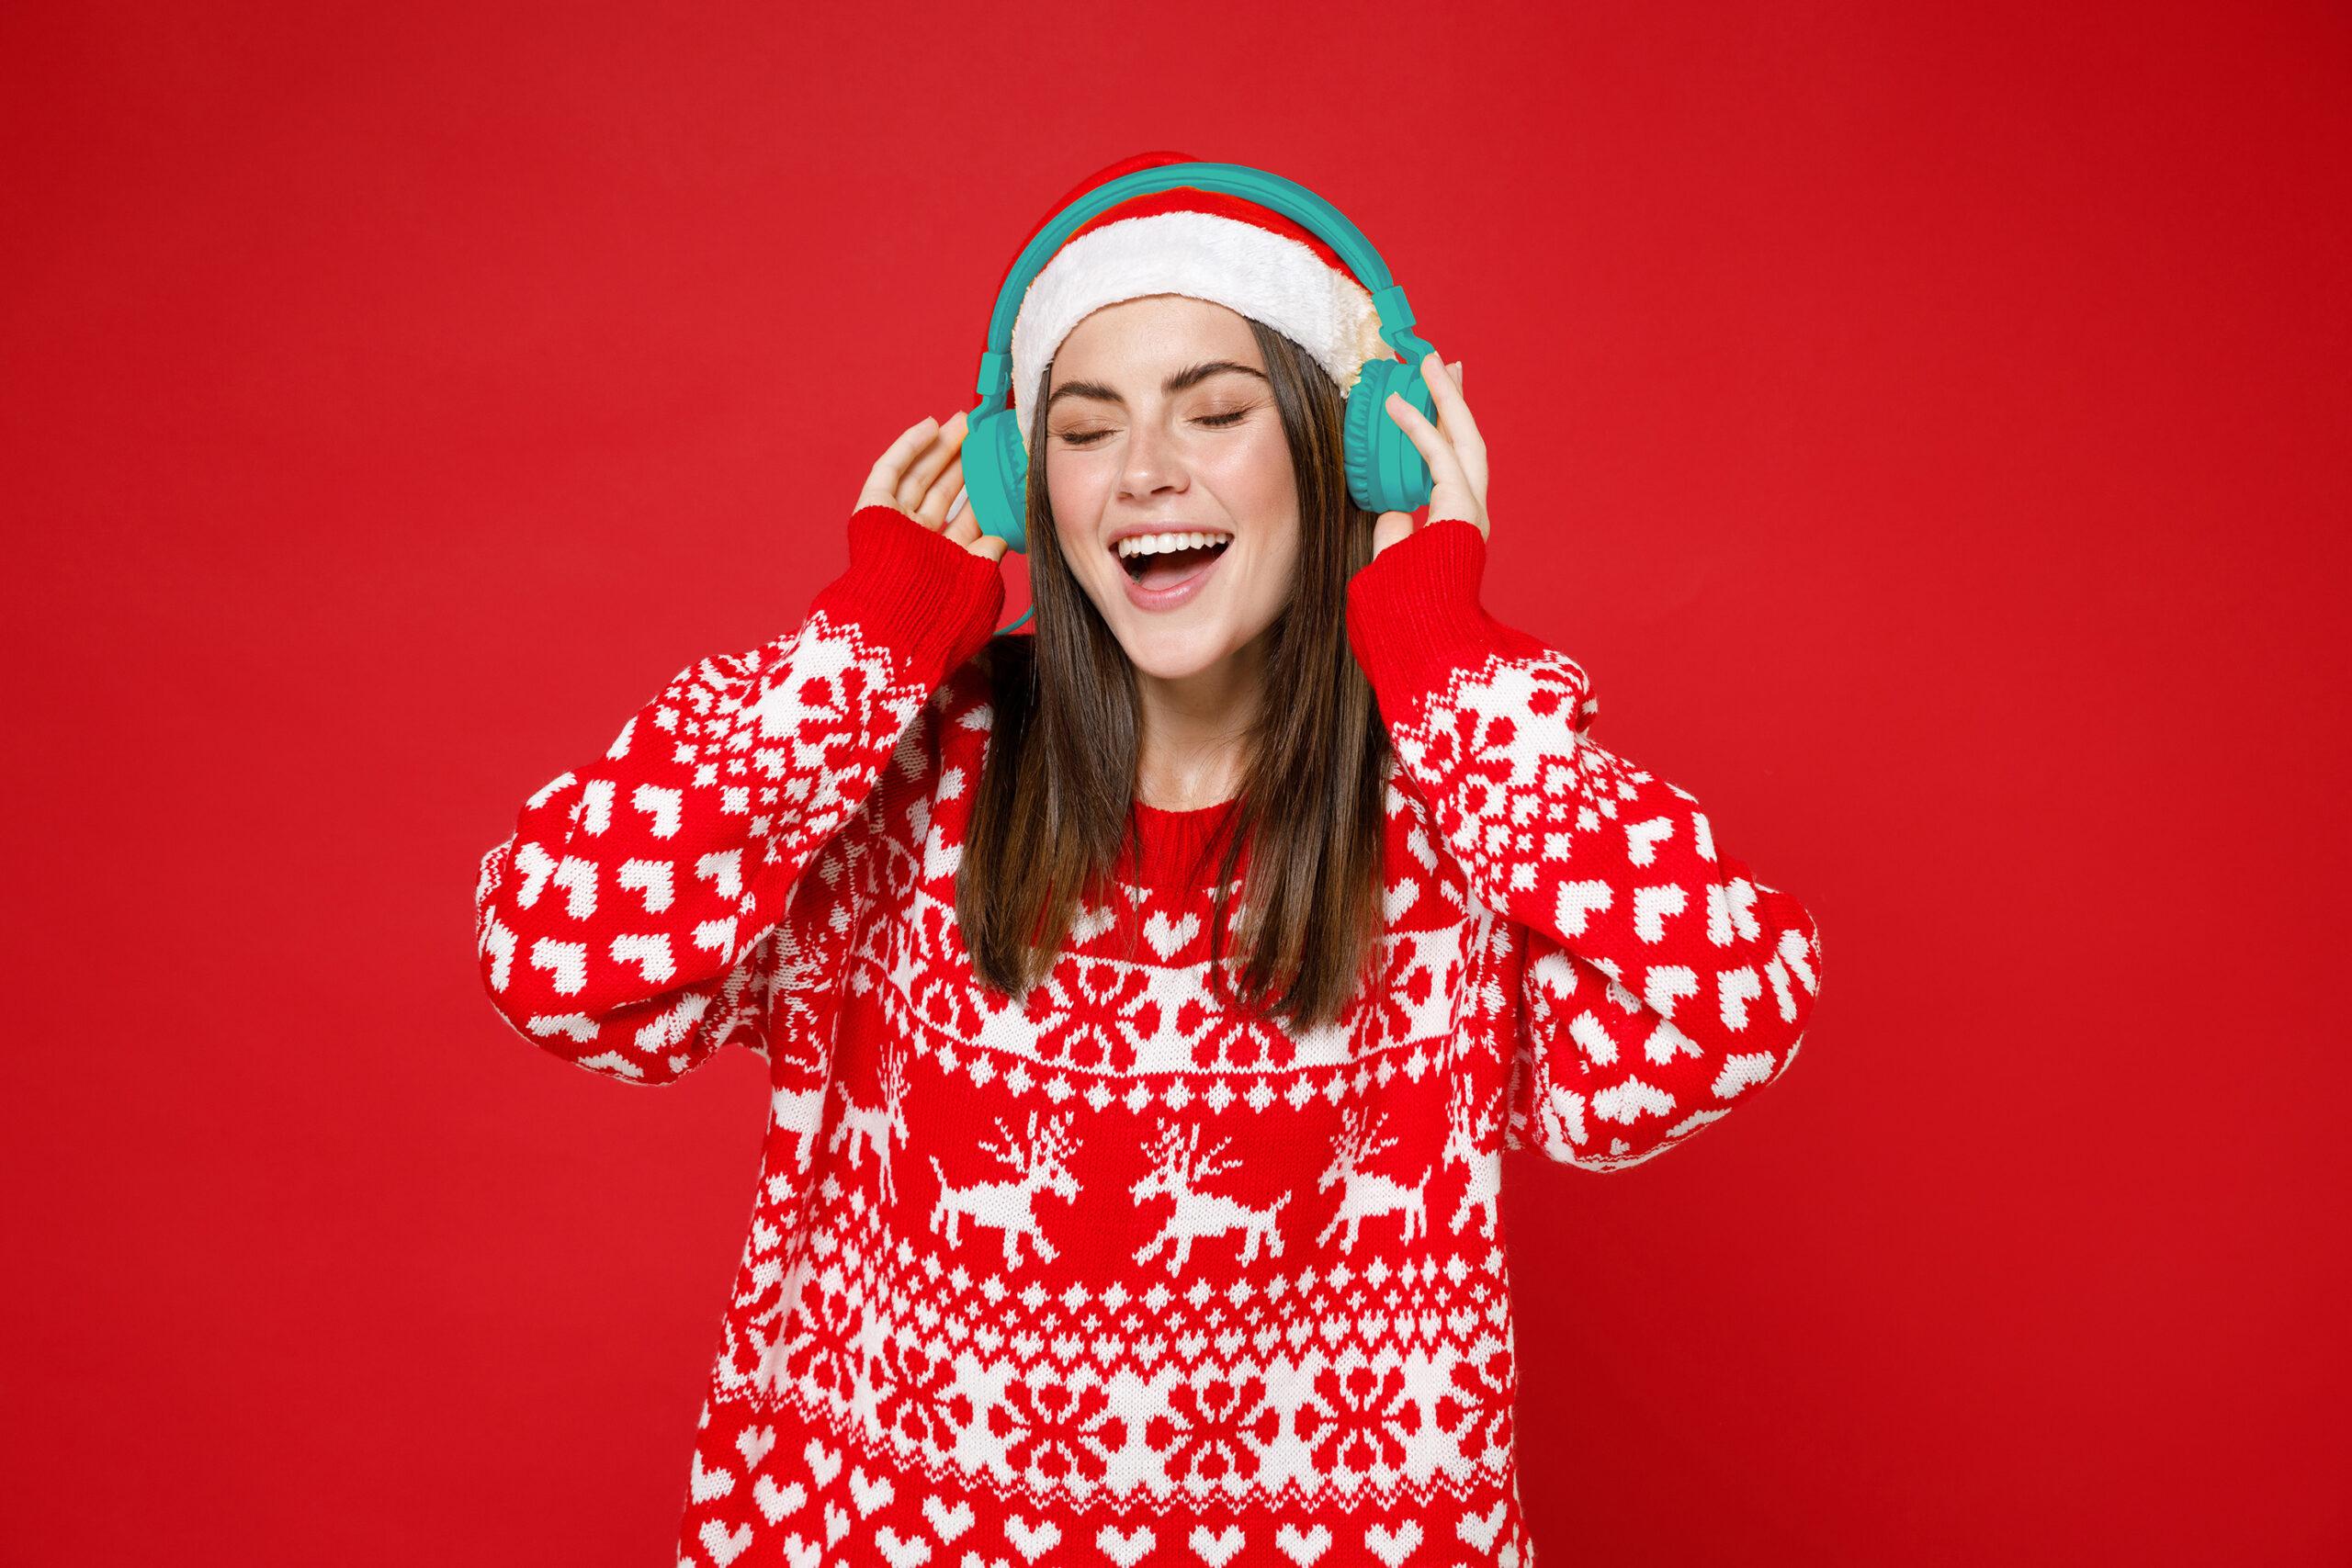 Du classique dans le casque de mère Noël : les sorties de décembre !